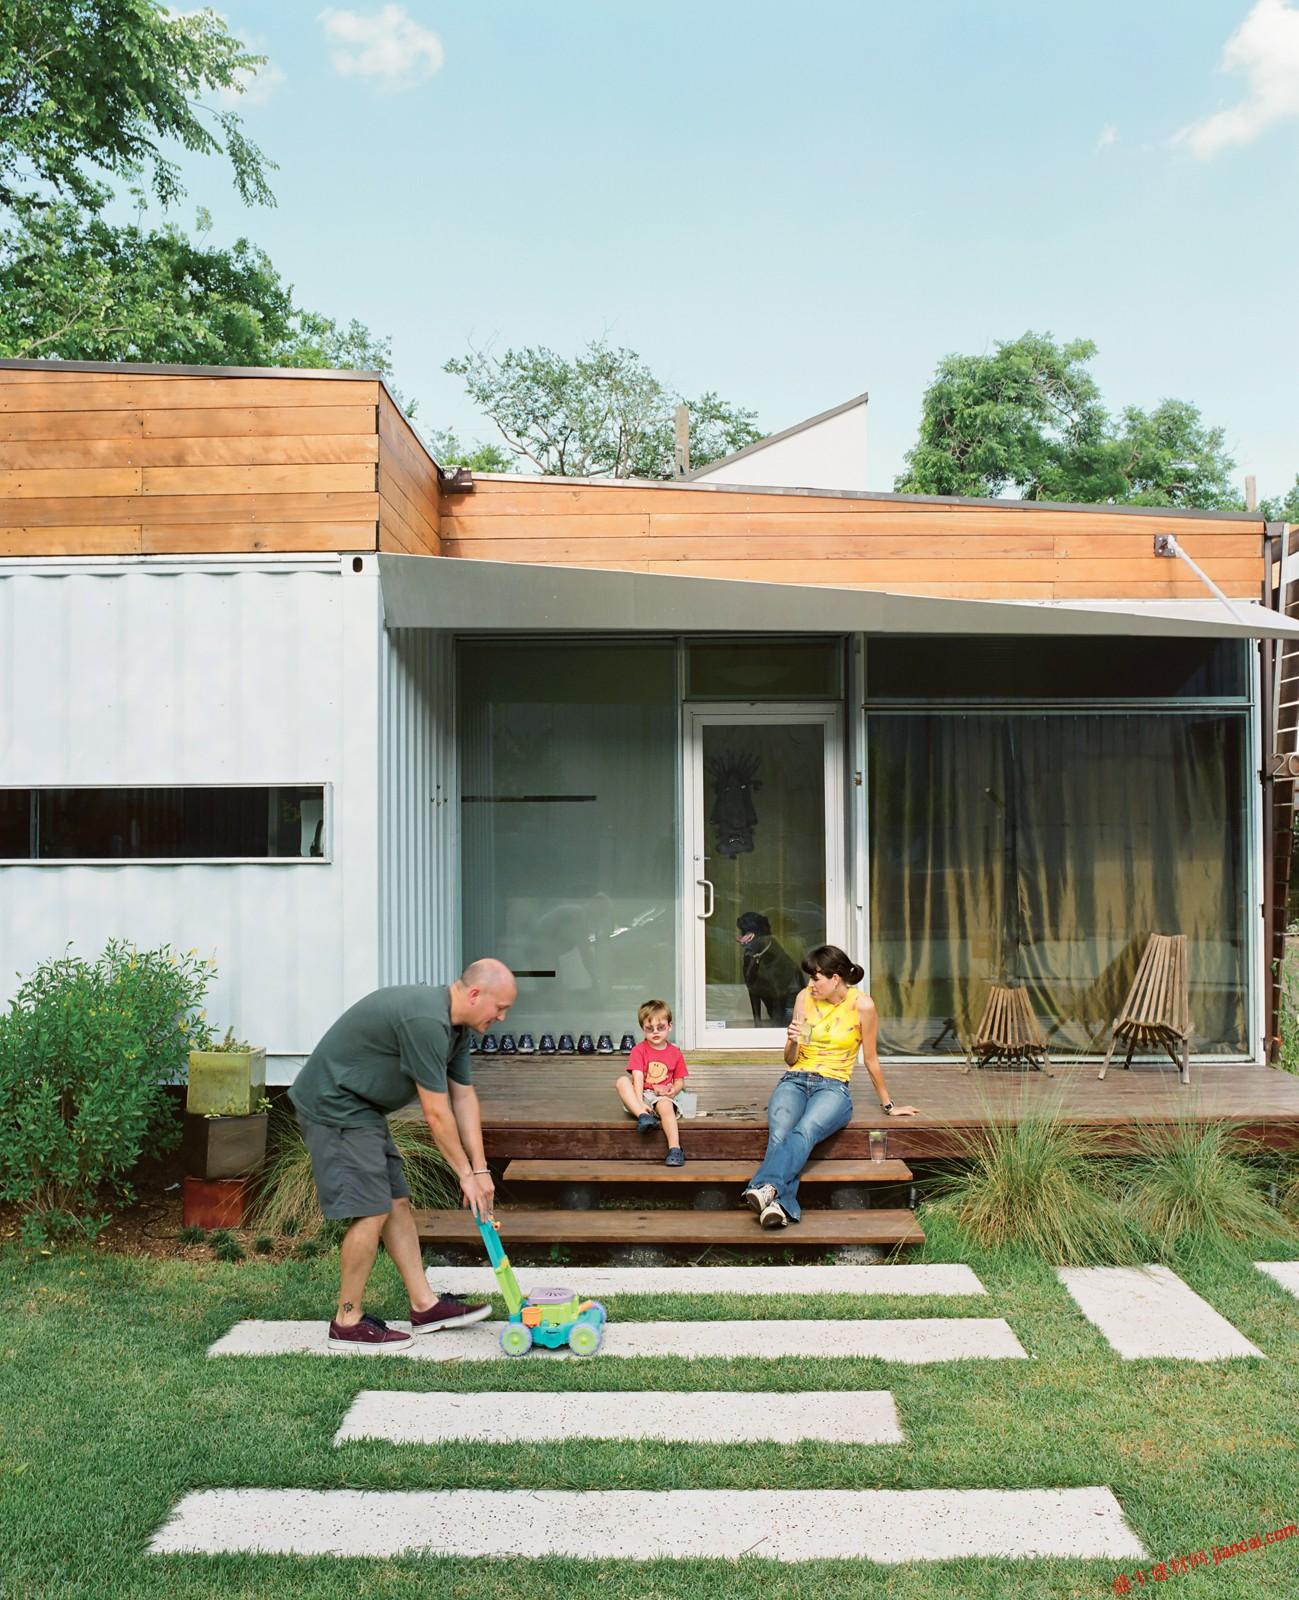 我们的生活慢慢打开我们的眼睛,渴望看到绿色。这是一个全新的范围,可能有很多方式可以改变我们的生活,变得更好。存储集装箱房屋,只是一个例子。说到这,看一看这个可爱的房子。    这个房子是开发人员的凯蒂·尼克尔斯和约翰沃尔特随着架构师克里斯托弗·罗伯逊设计并建造的,这是一个由4个集装箱组成。它位于休斯顿市中心的郊区,这是一个非常鼓舞人心的项目。   项目的四个集装箱来自附近的港口。他们有三个40英尺高,形状像多维数据集。他们两个负责生活,吃饭和睡觉。第三个是略有升高,作为客人的小